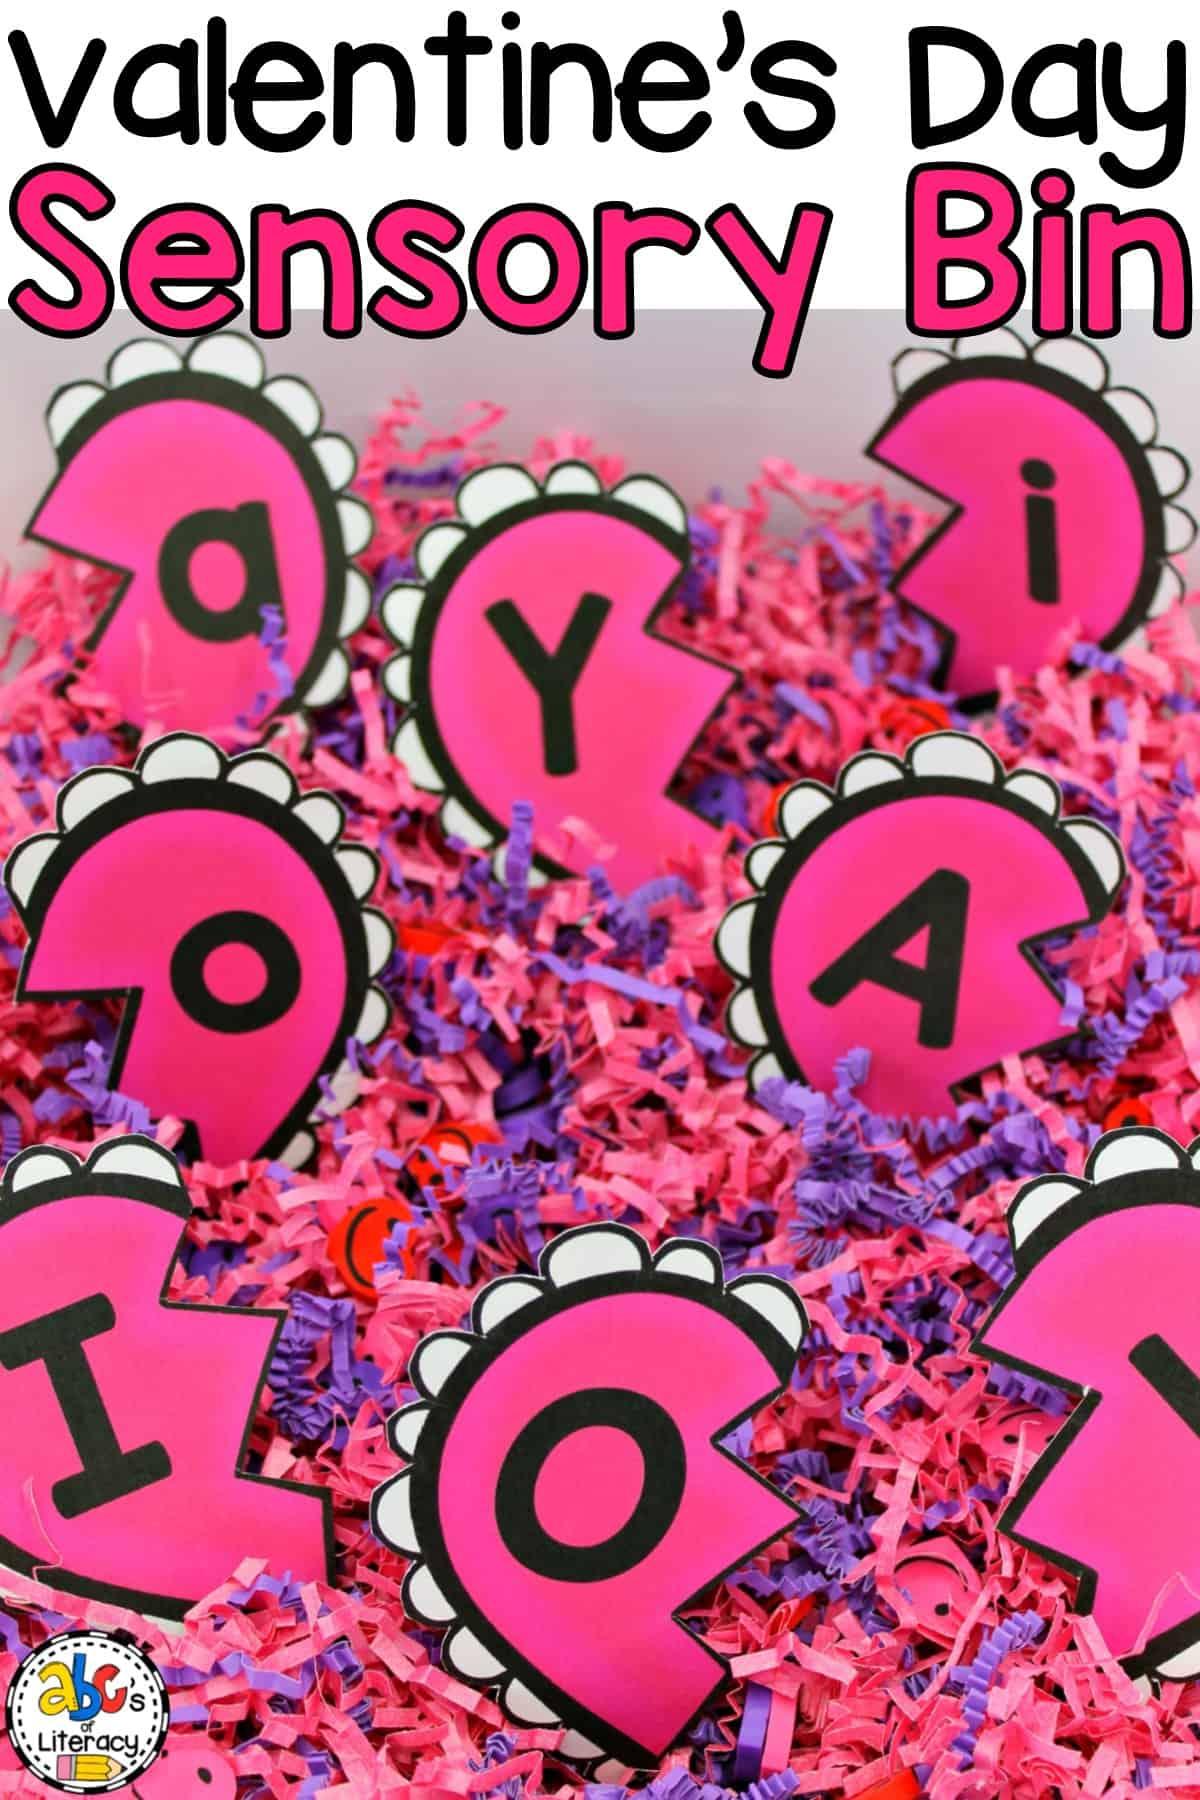 Heart Letter Match Sensory Bin, Valentine's Day Sensory Bin, Valentine's Day Letter Match Puzzles, Heart Letter Match Puzzles